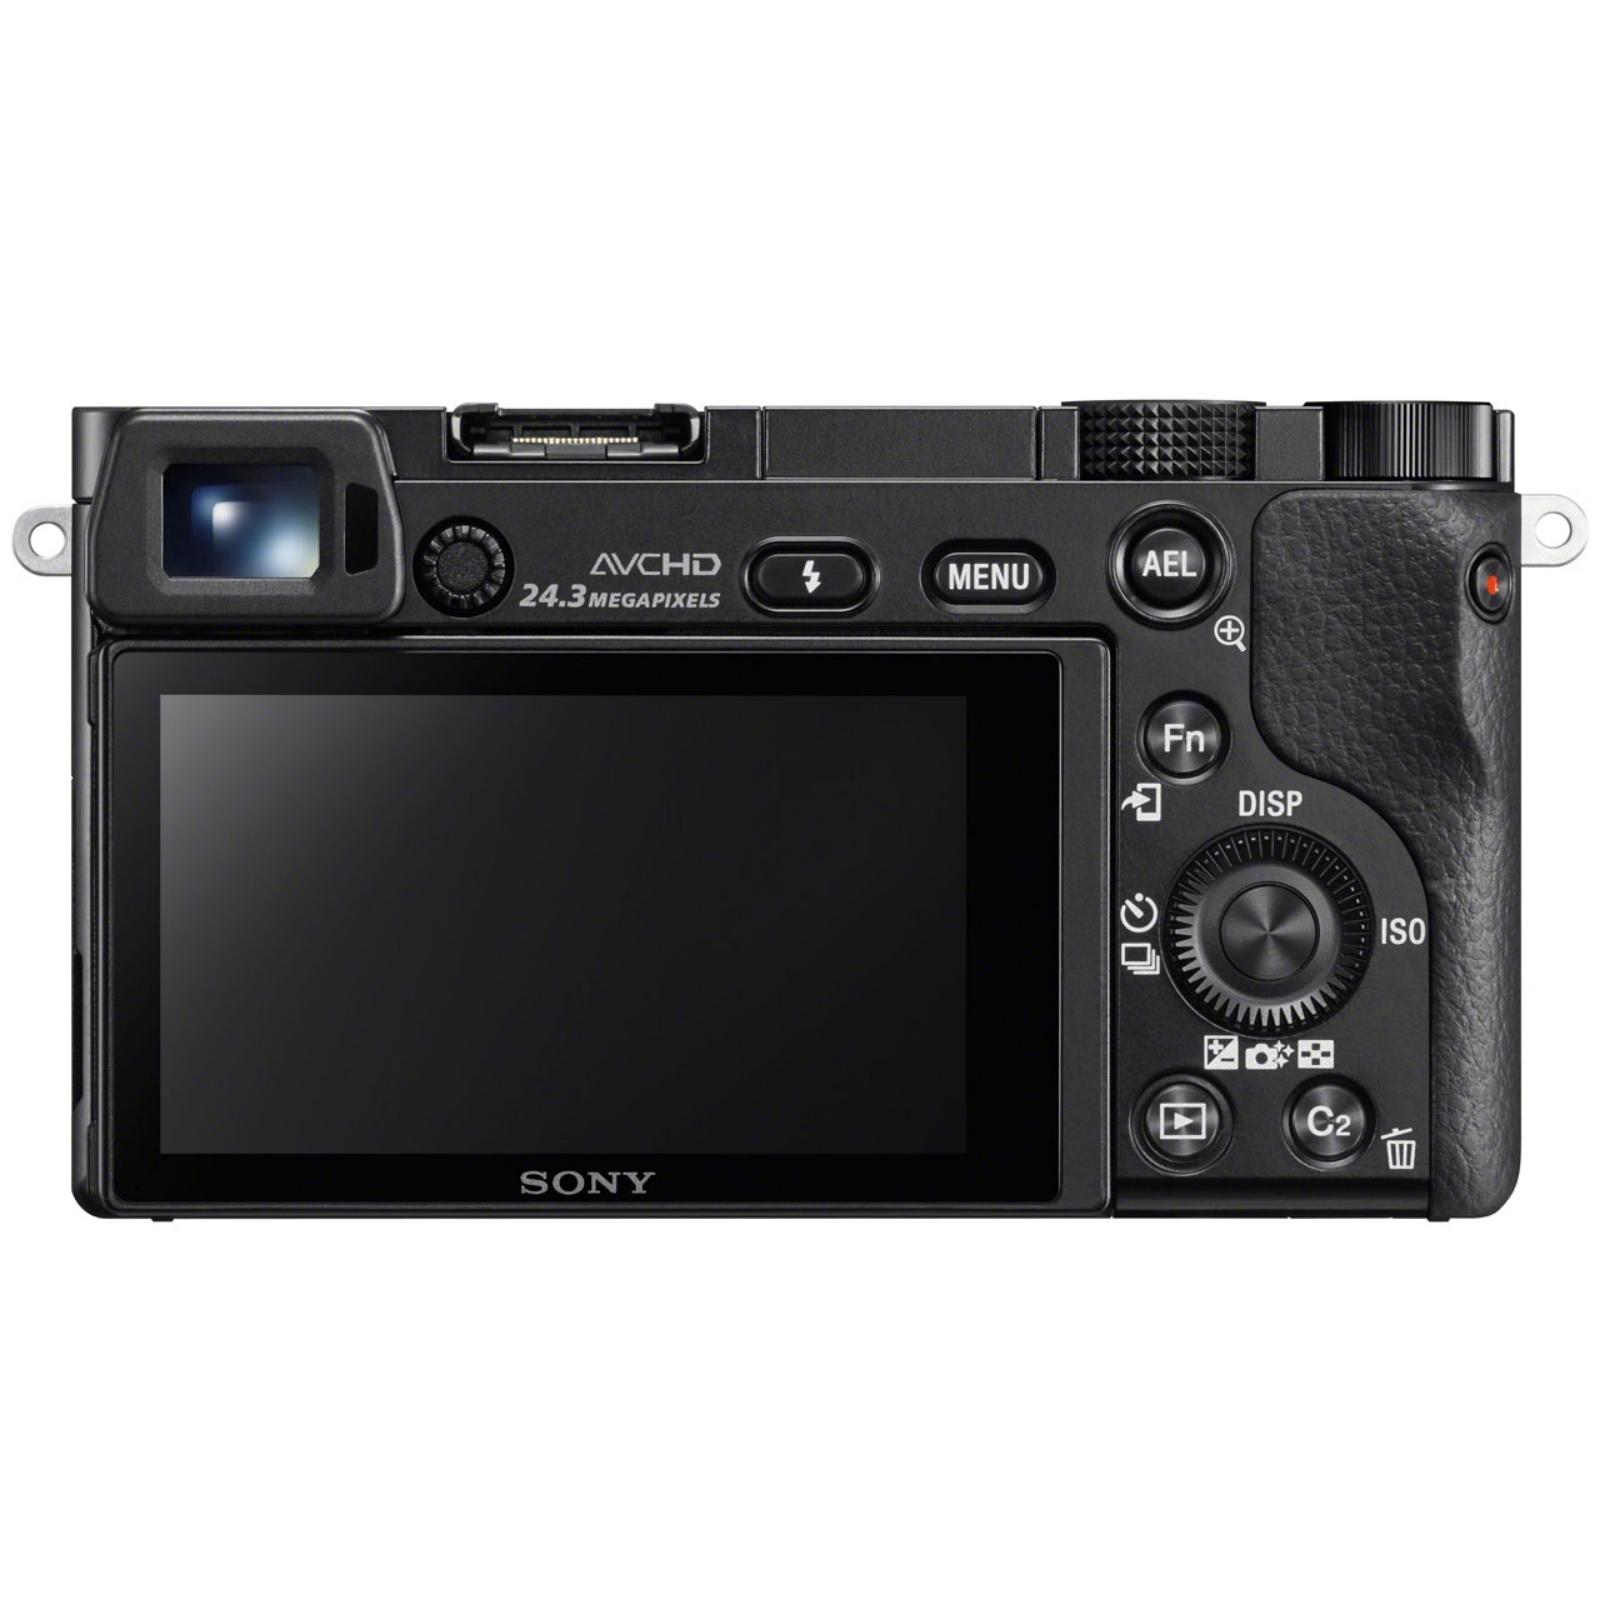 SONY ソニー ミラーレス一眼カメラ α6000 パワーズームレンズキット ブラック ILCE-6000L-B 新品